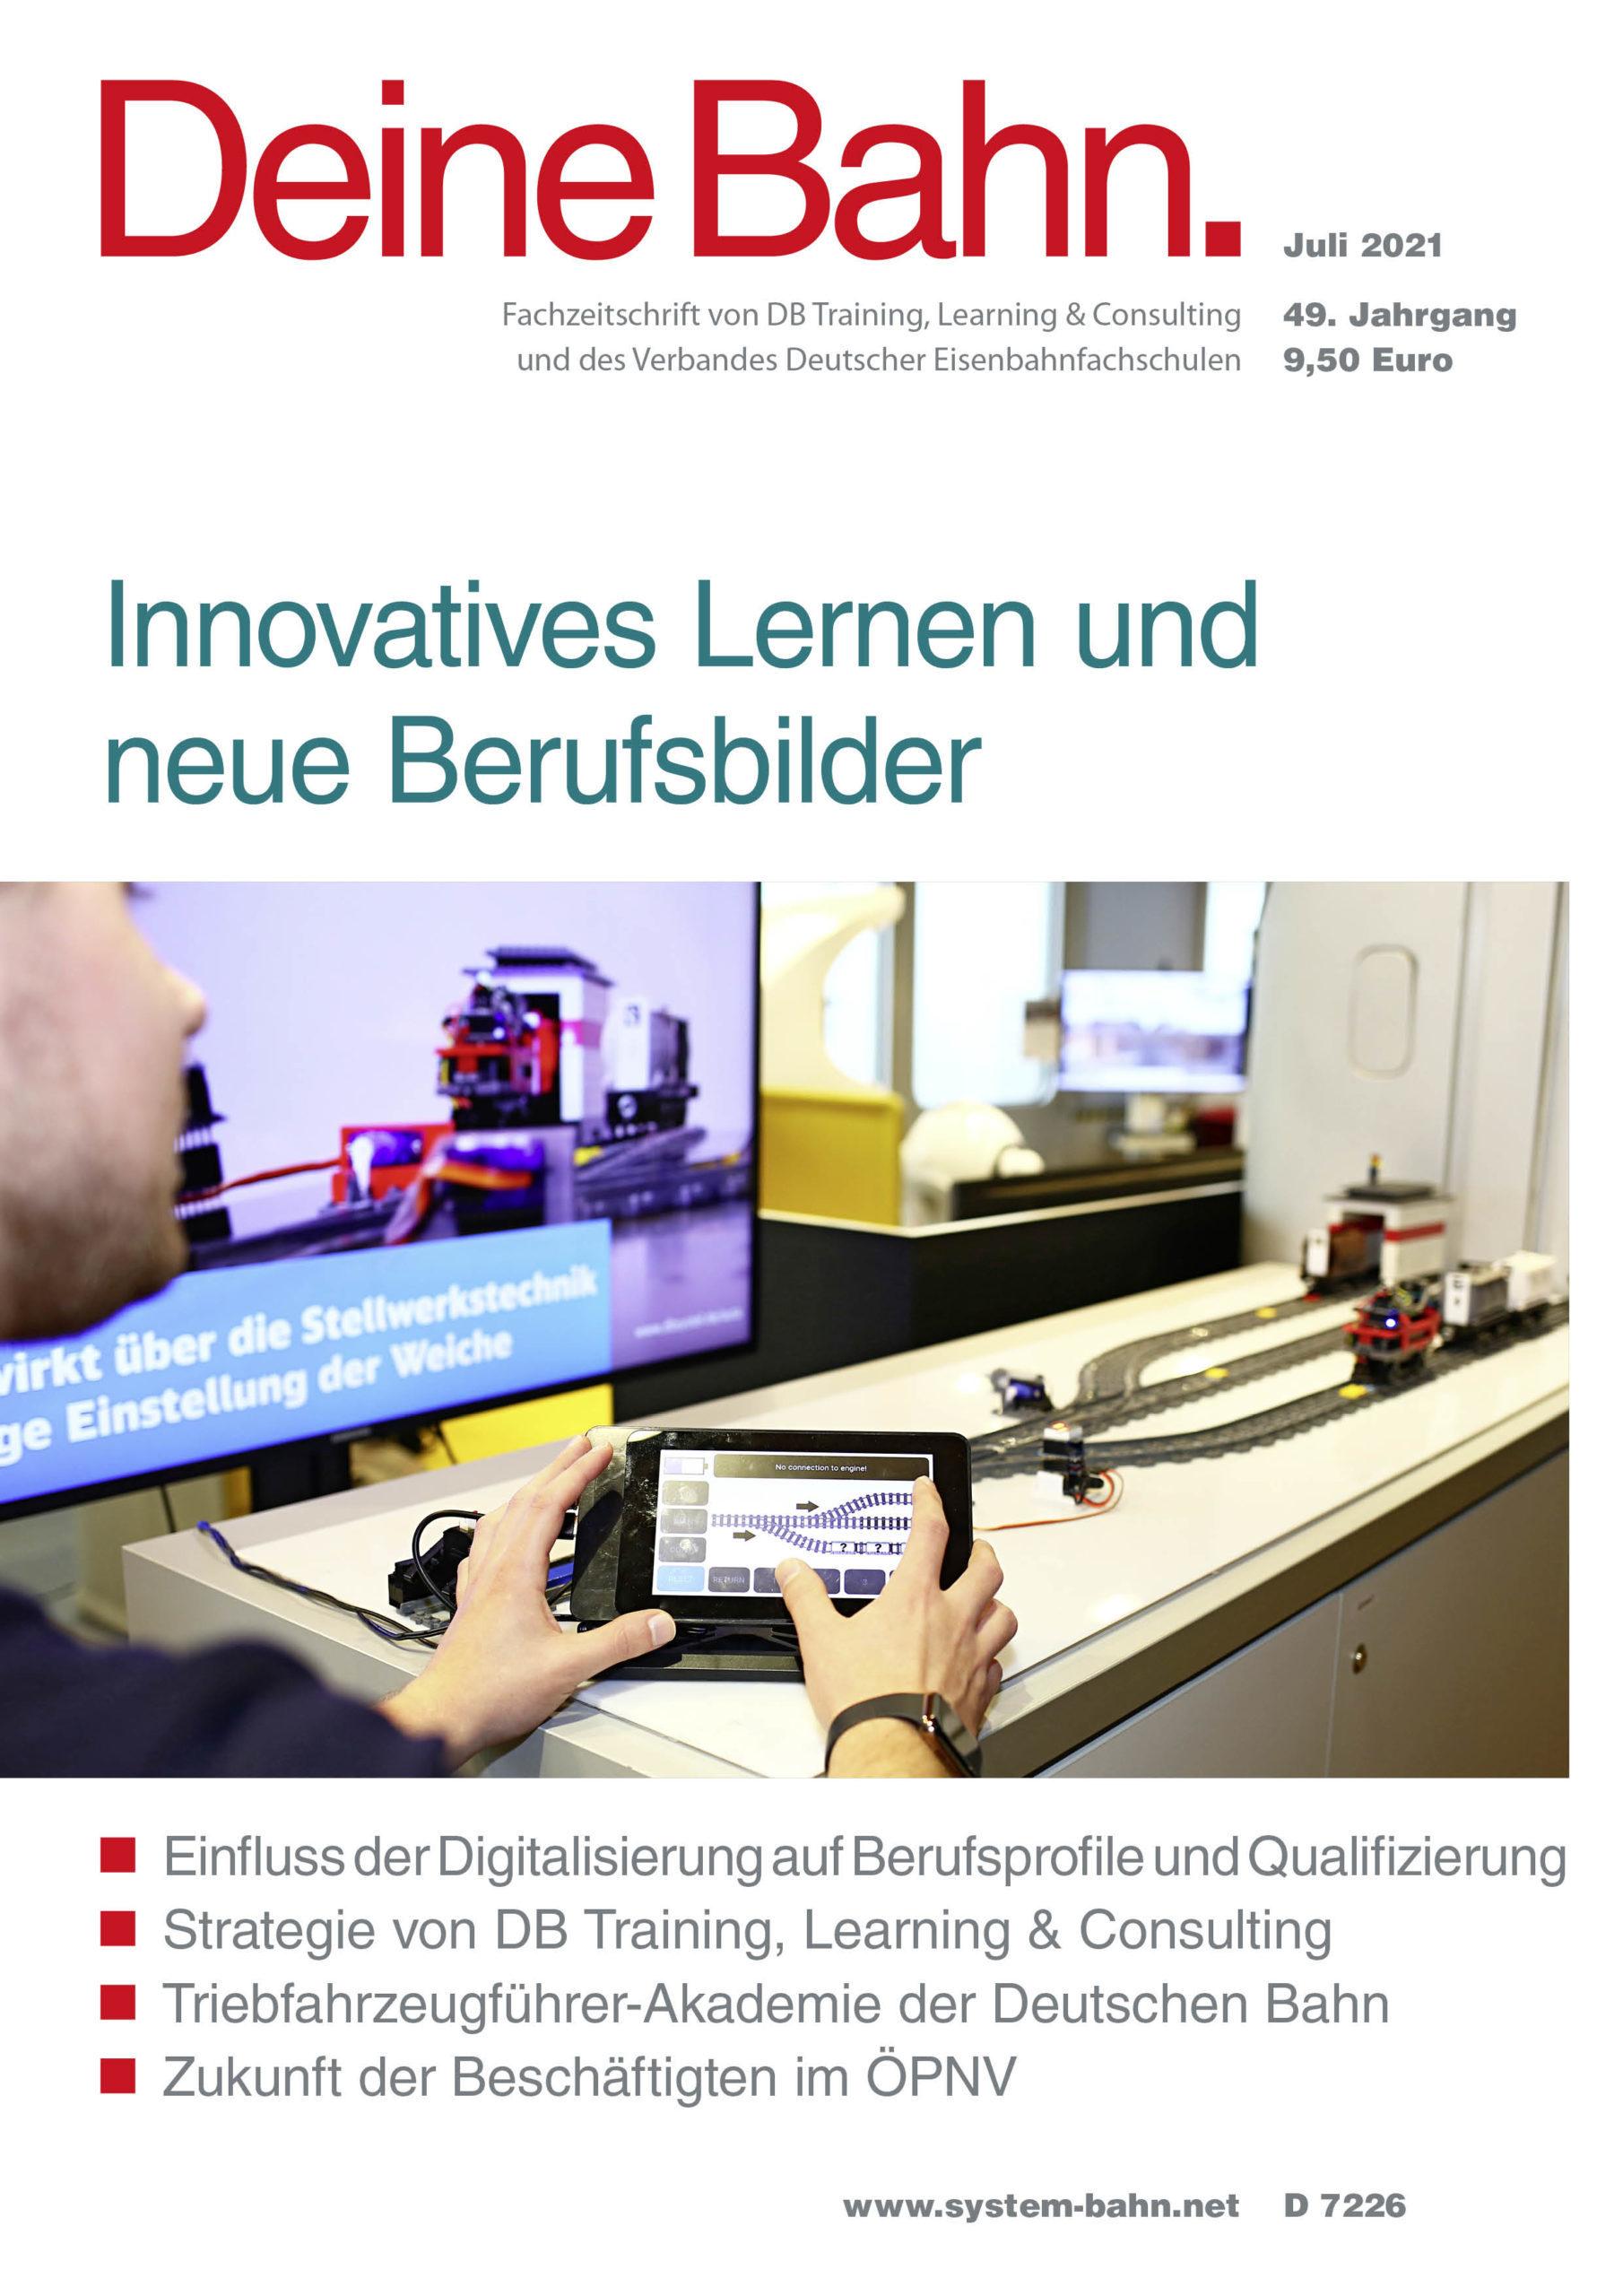 Umschlagmotiv Fachzeitschrift Deine Bahn Juli 2021